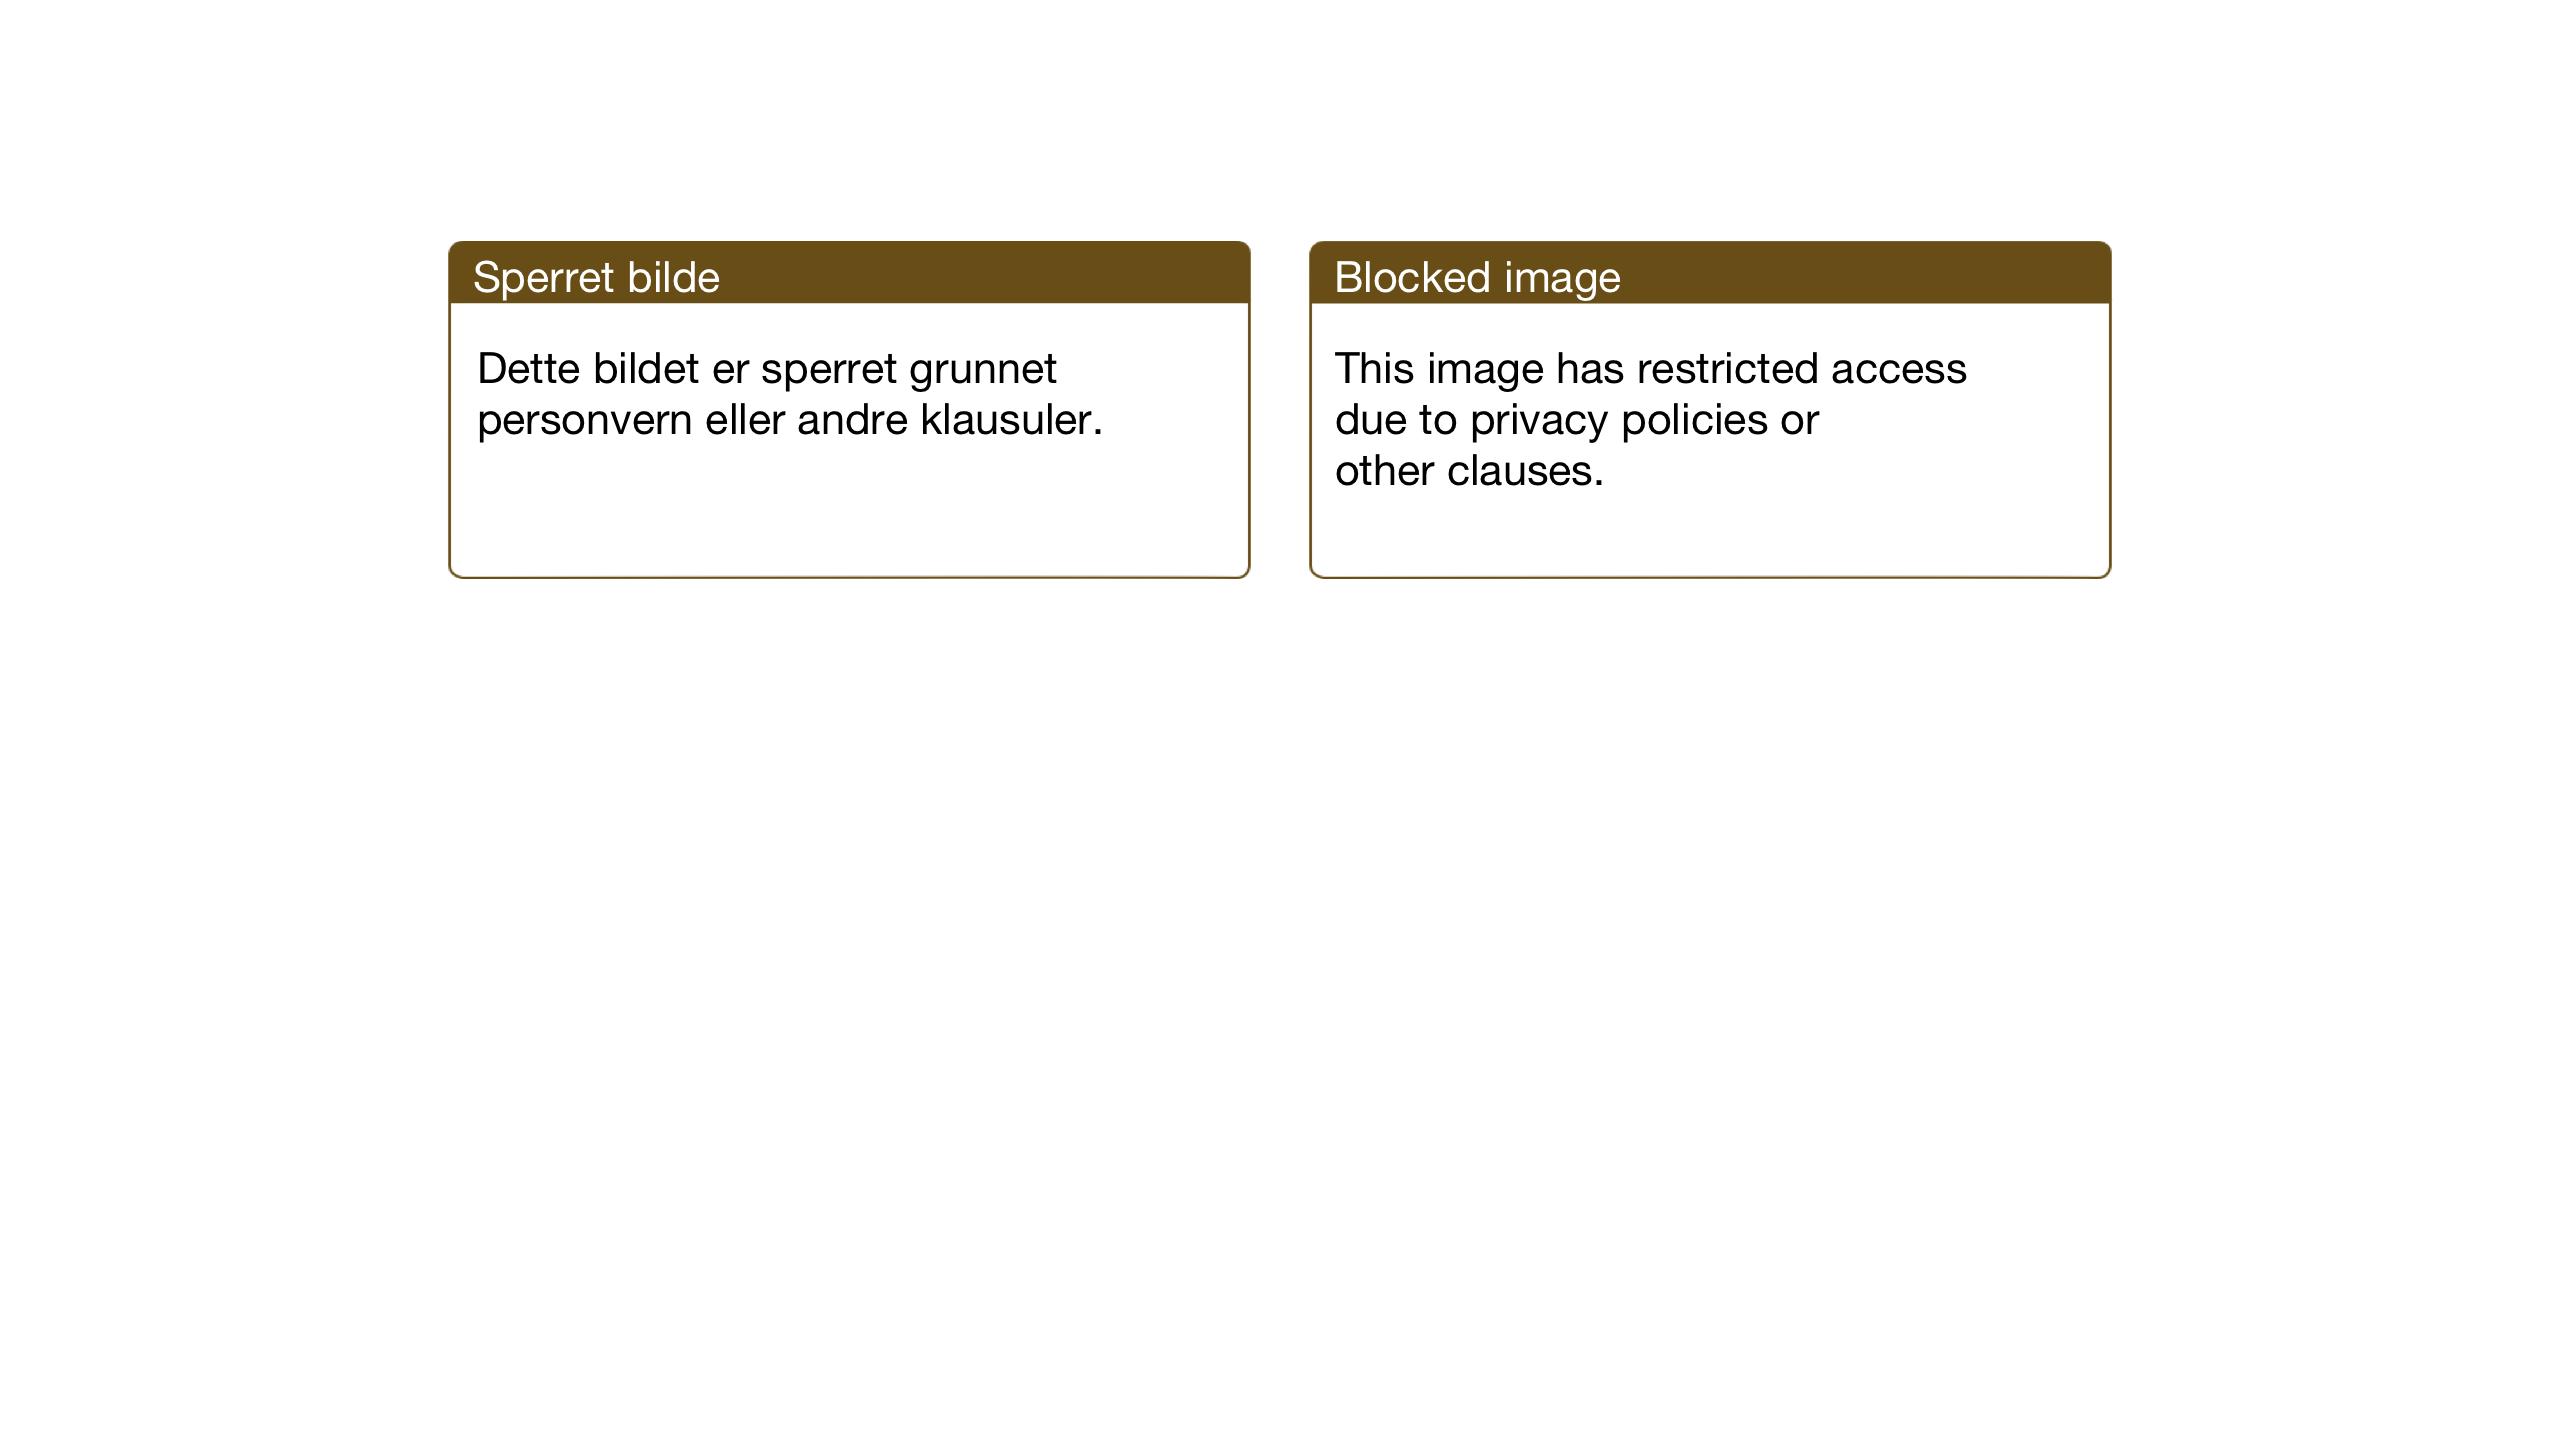 SAT, Ministerialprotokoller, klokkerbøker og fødselsregistre - Nord-Trøndelag, 719/L0180: Klokkerbok nr. 719C01, 1878-1940, s. 52